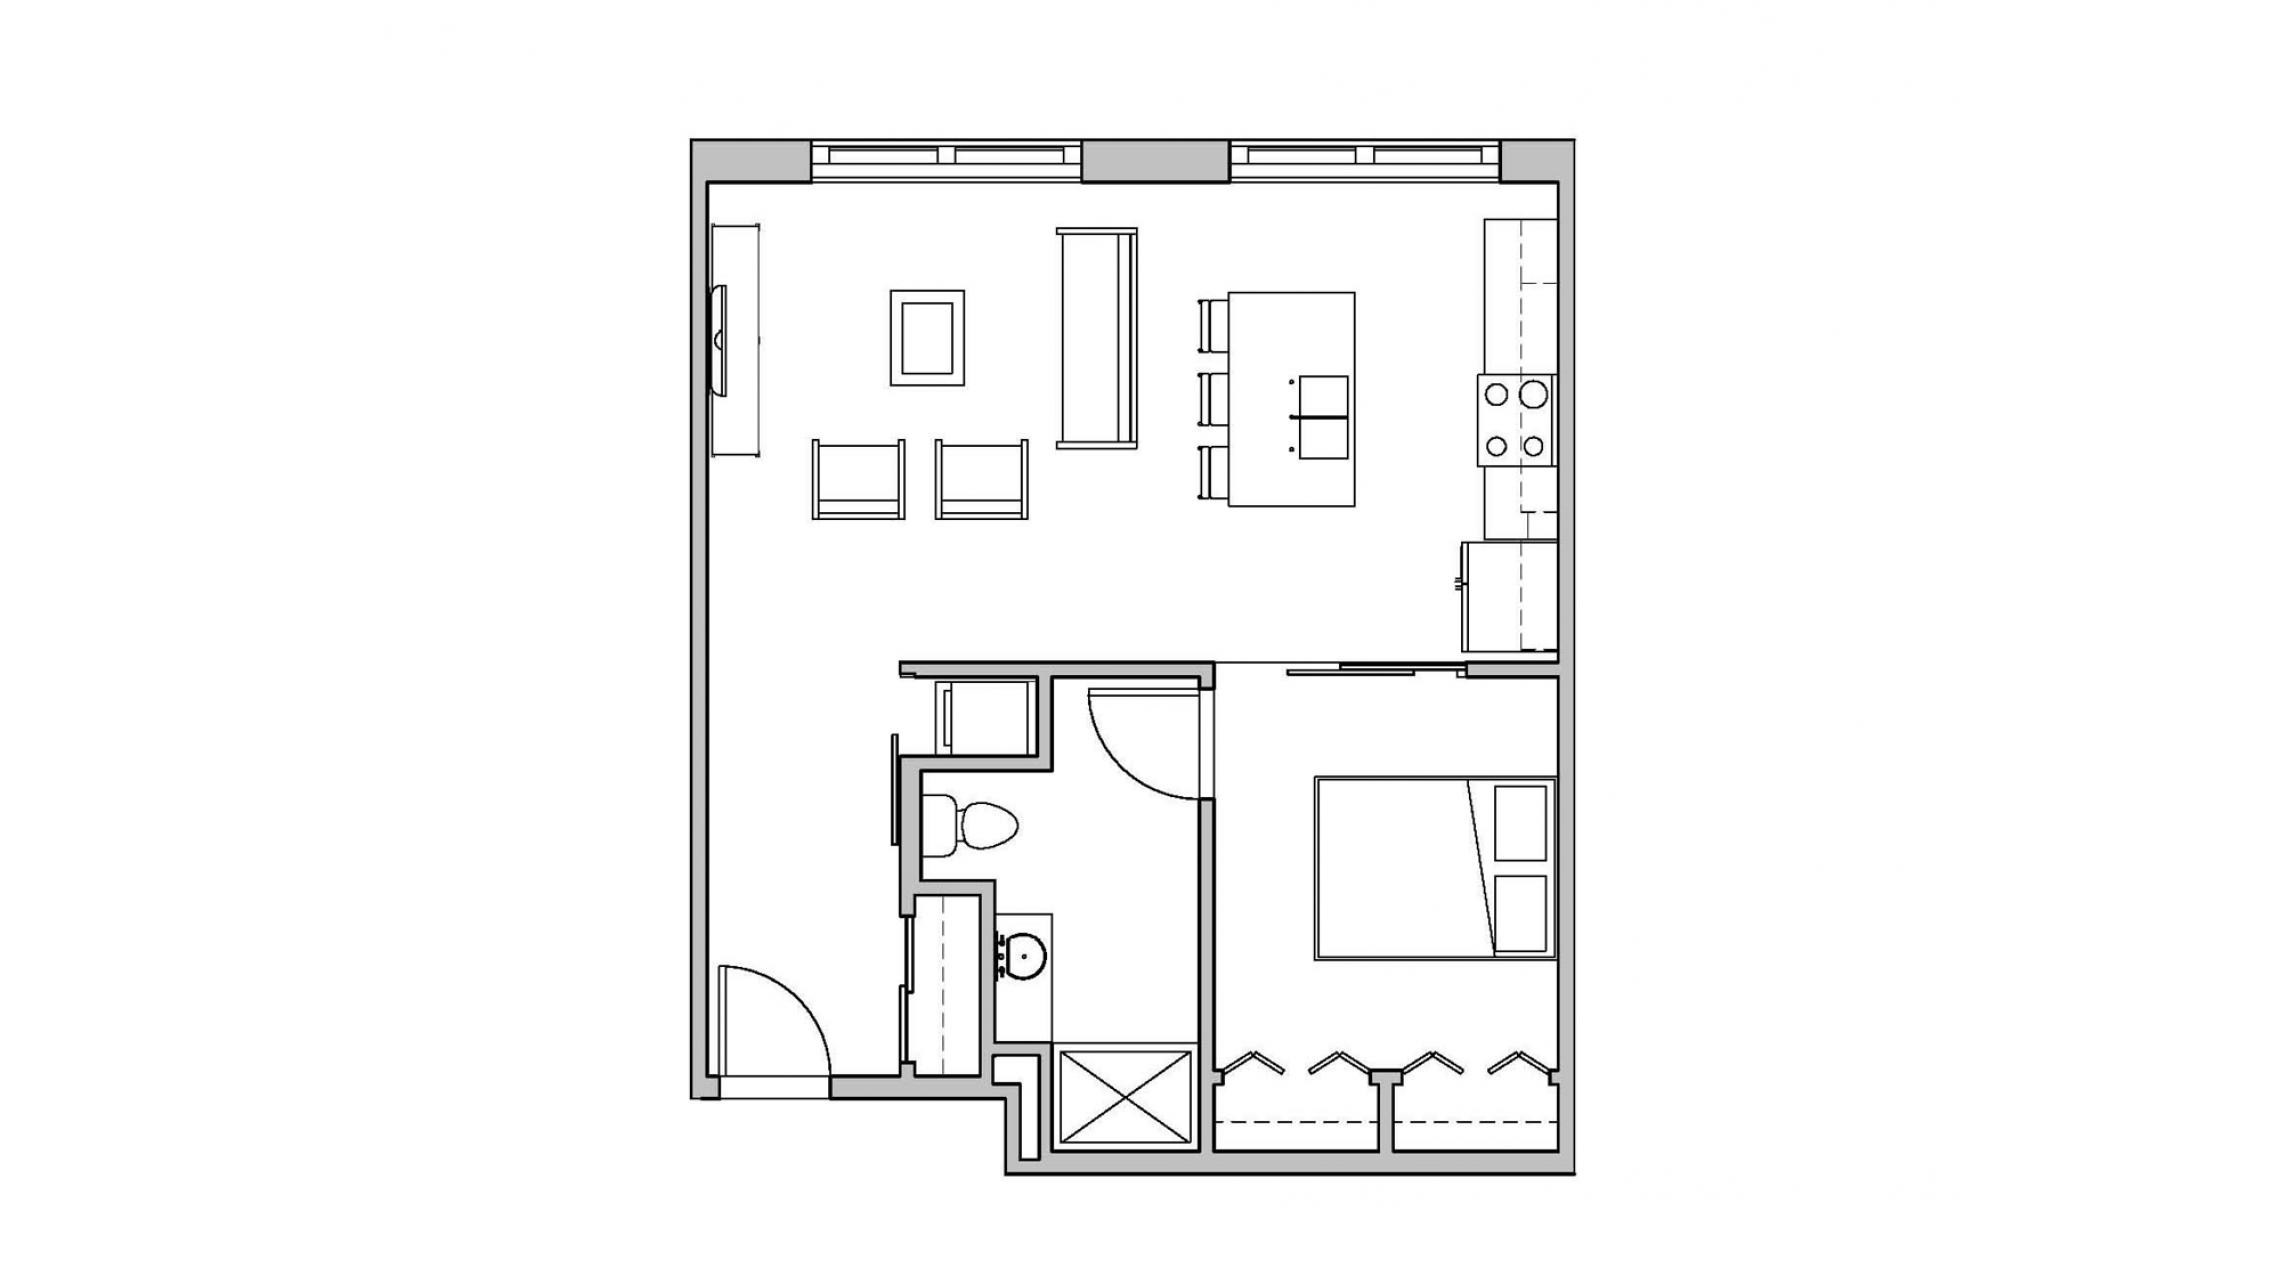 ULI Seven27 112 - One Bedroom,  One Bathroom